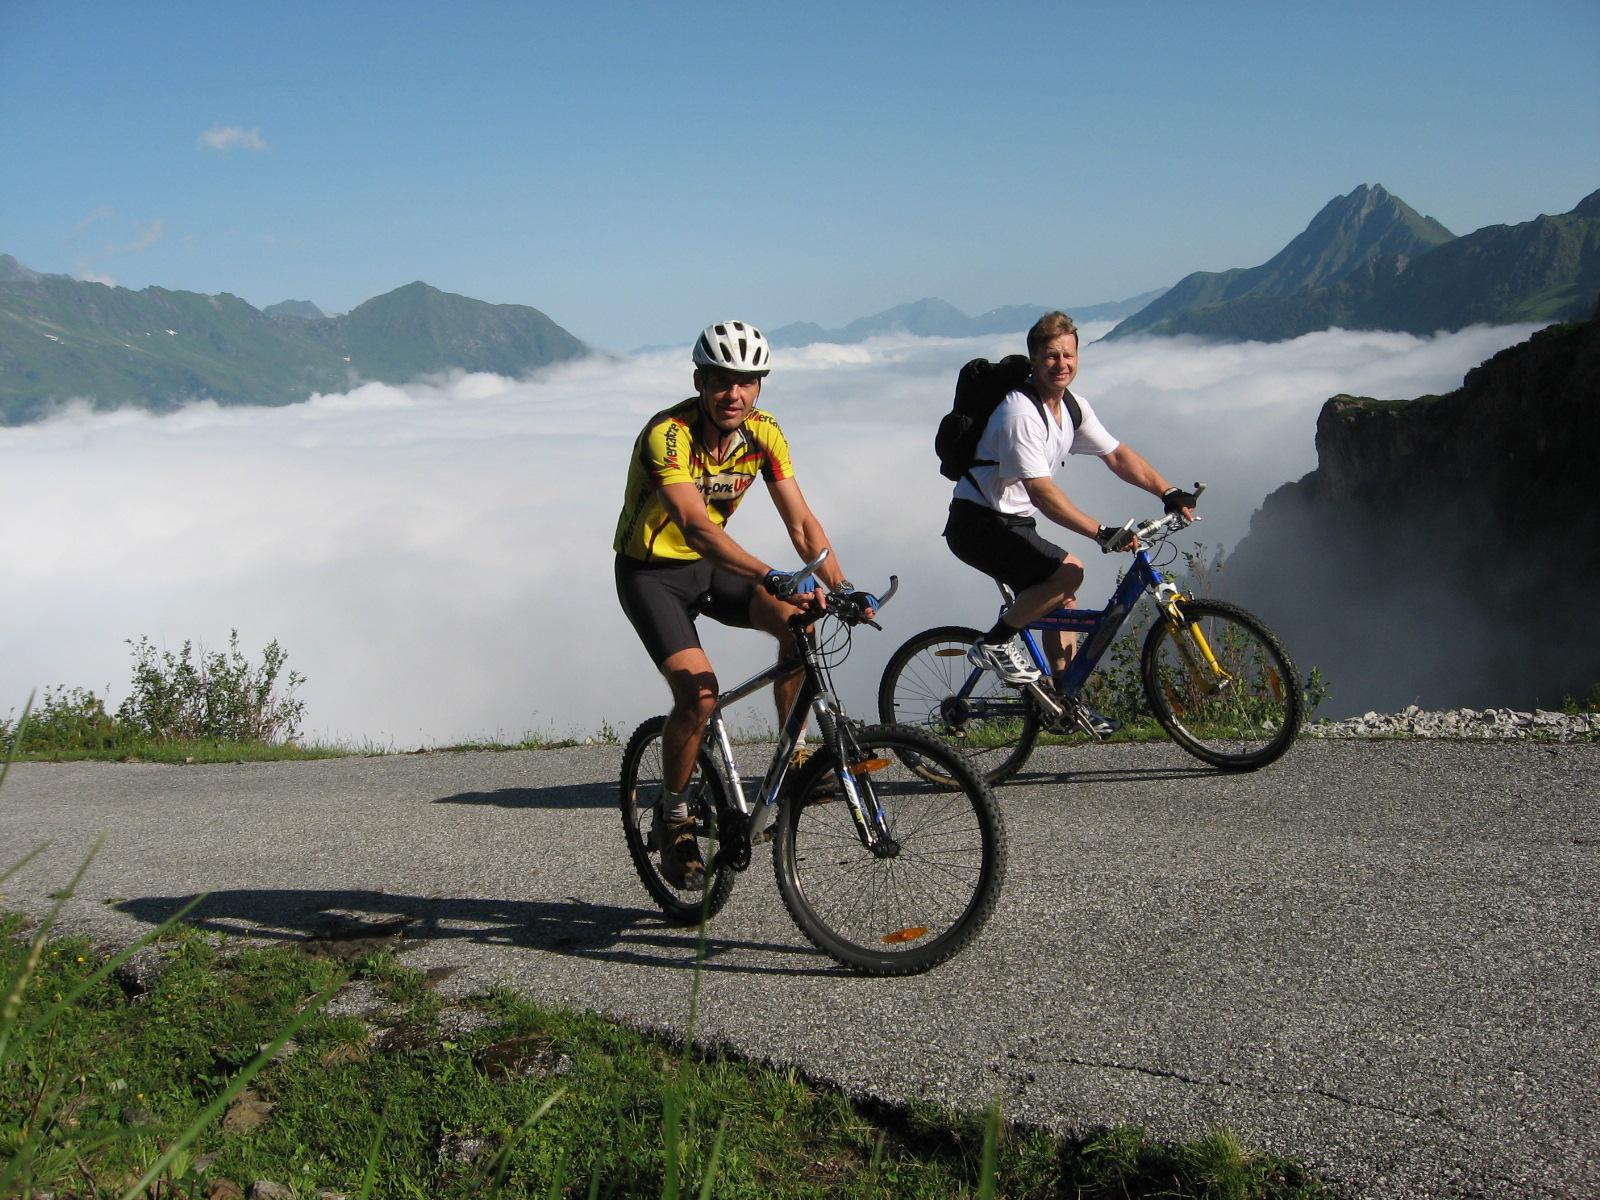 В дальний путь на правильном велосипеде